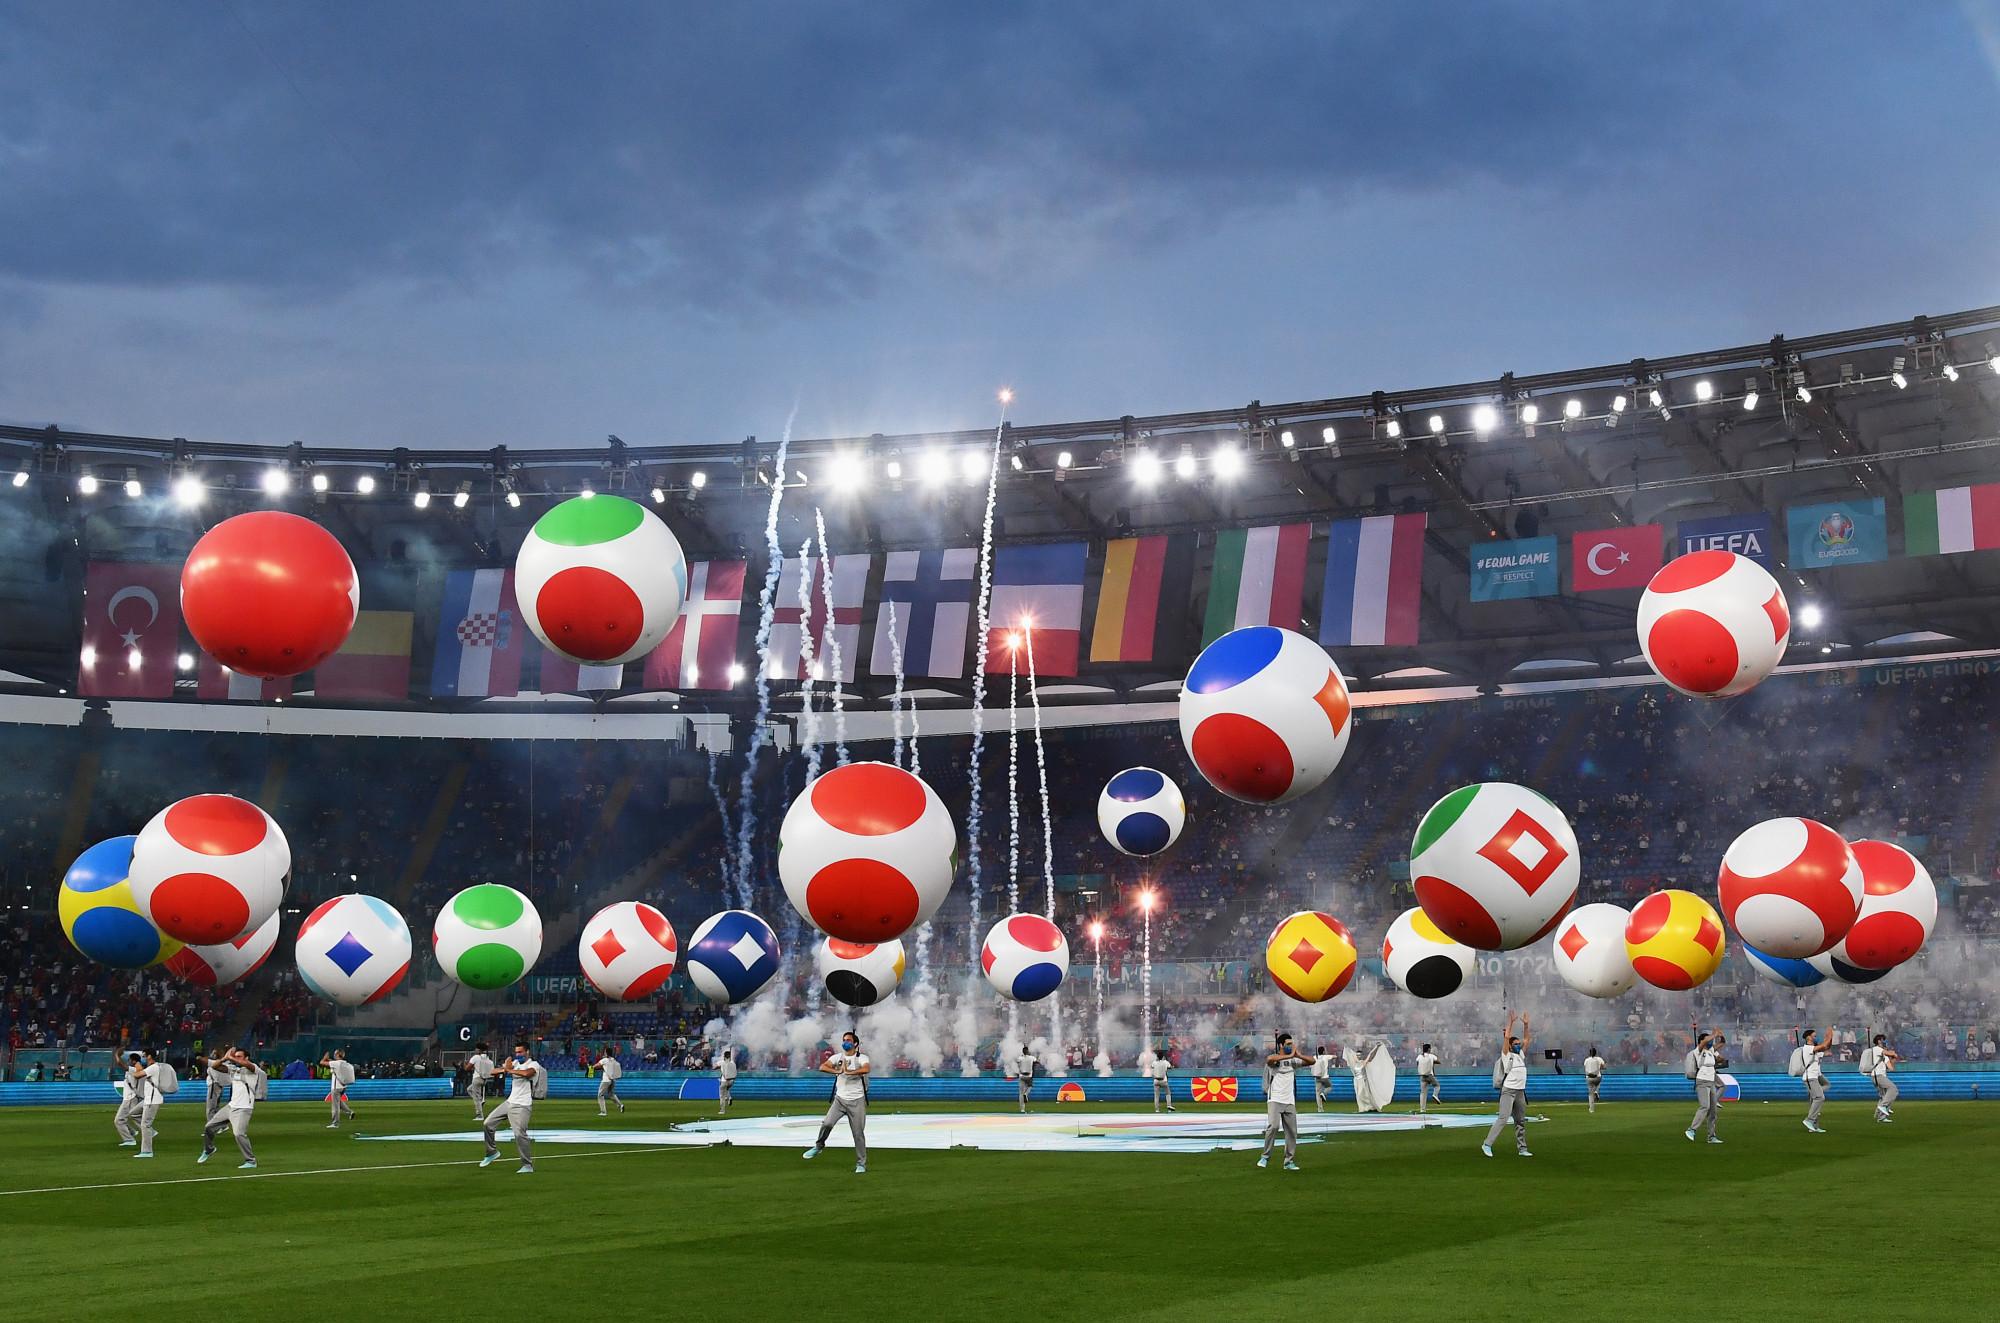 Euro 2020 không chỉ đánh dấu kỷ niệm 60 năm của giải đấu mà còn được xem là kỳ Euro đặc biệt nhất trong lịch sử vì khâu tổ chức. Thay vì 1 hoặc 2 quốc gia đăng cai giải đấu như trước, thì kỳ Euro năm nay sẽ được diễn ra ở 11 sân vận động của 11 quốc gia.